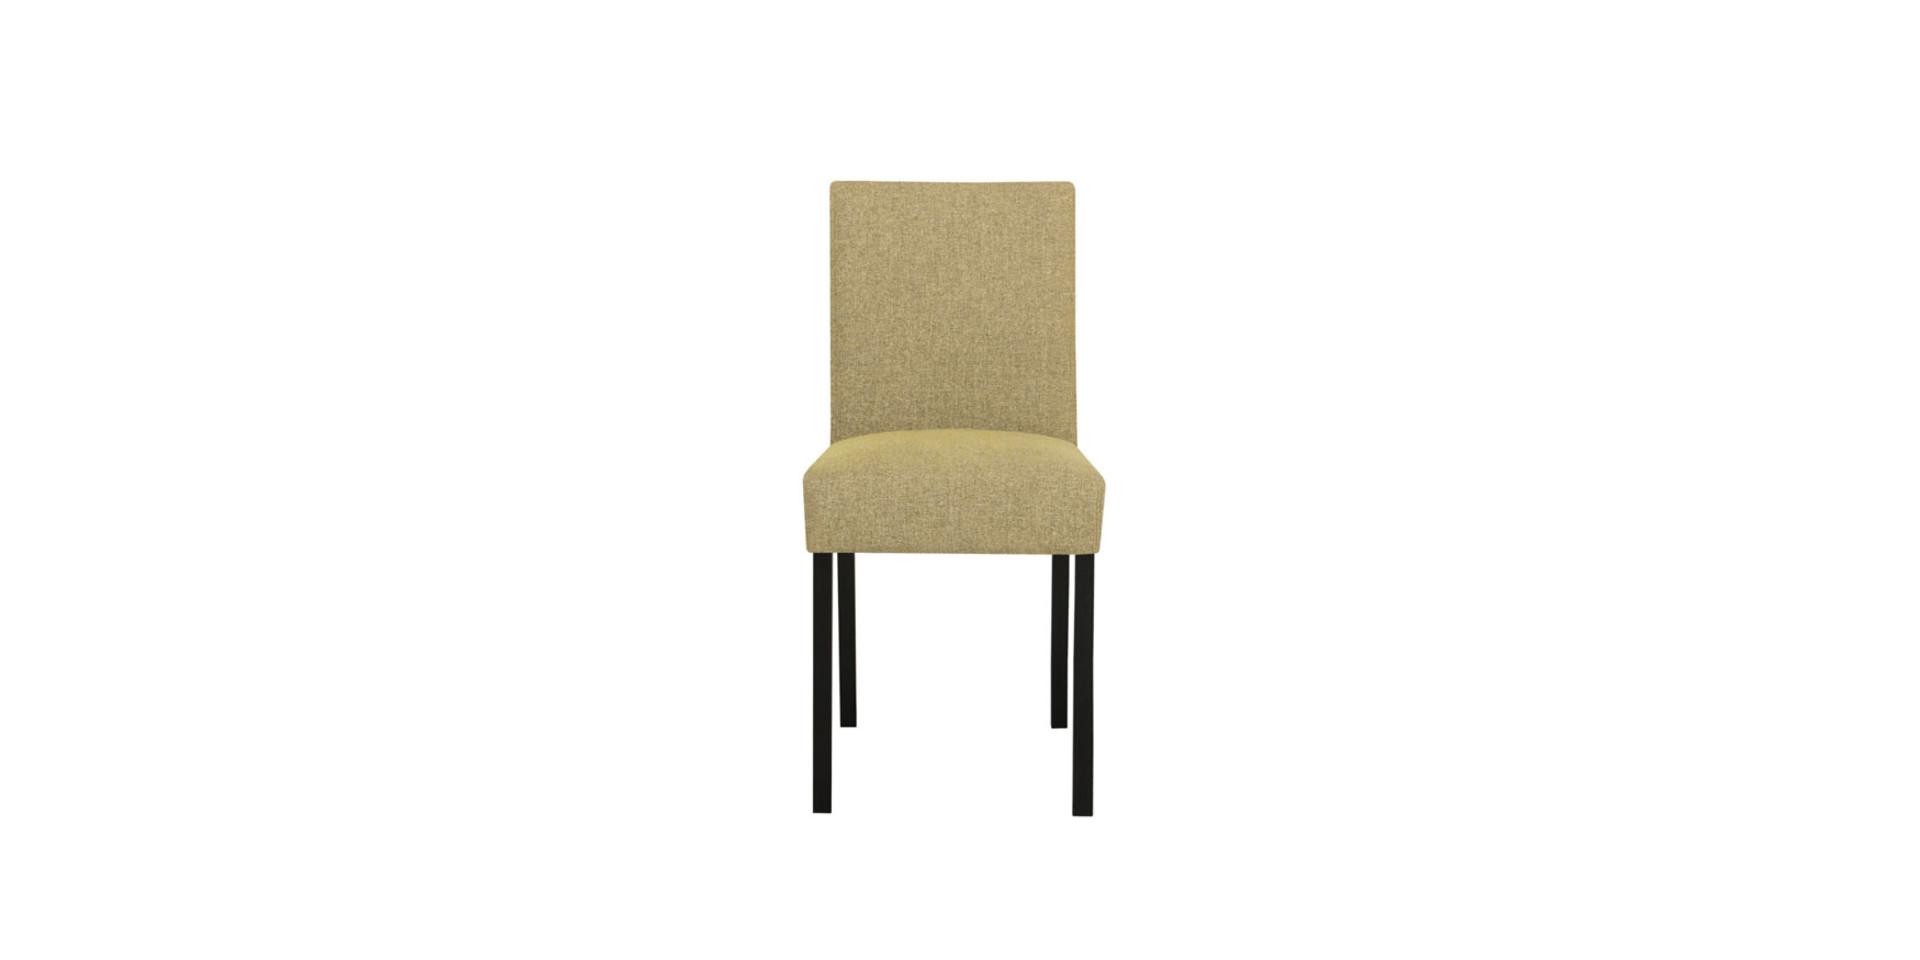 sits-vigo-fauteuil-chair_dover8_mustard_1